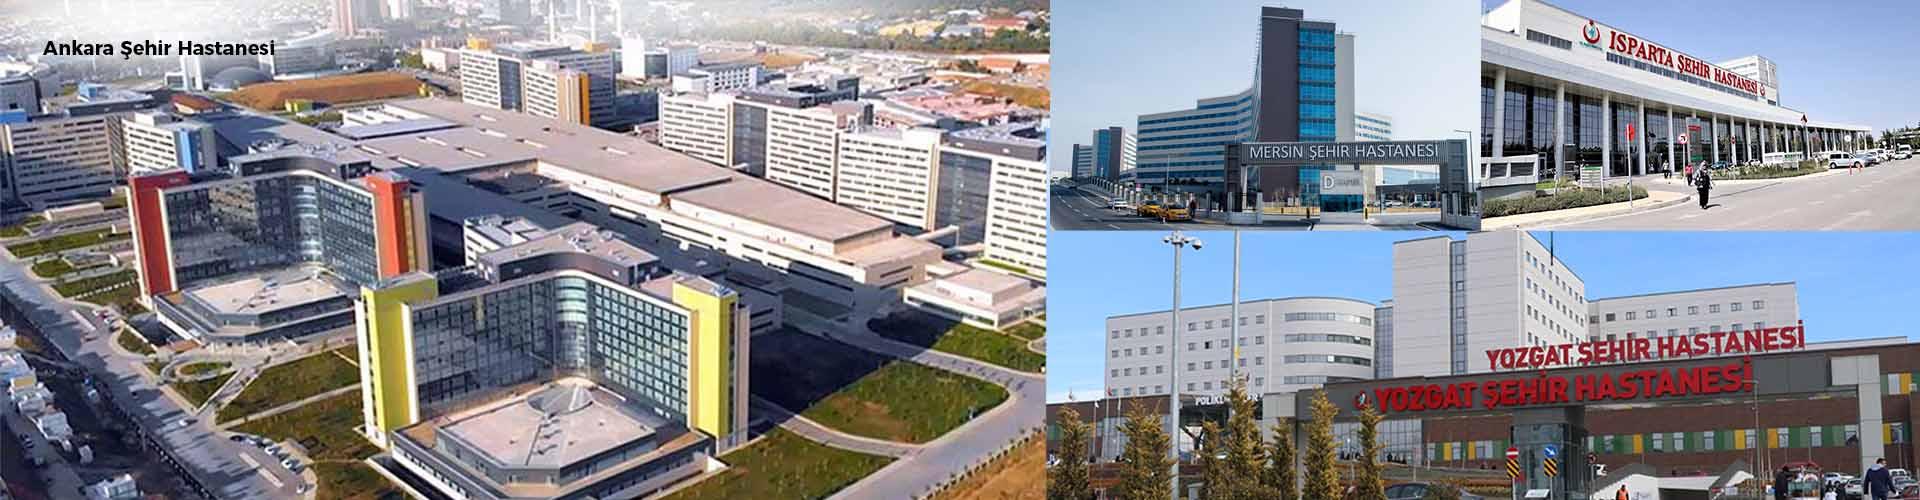 Hospital Support Services - EN 2019